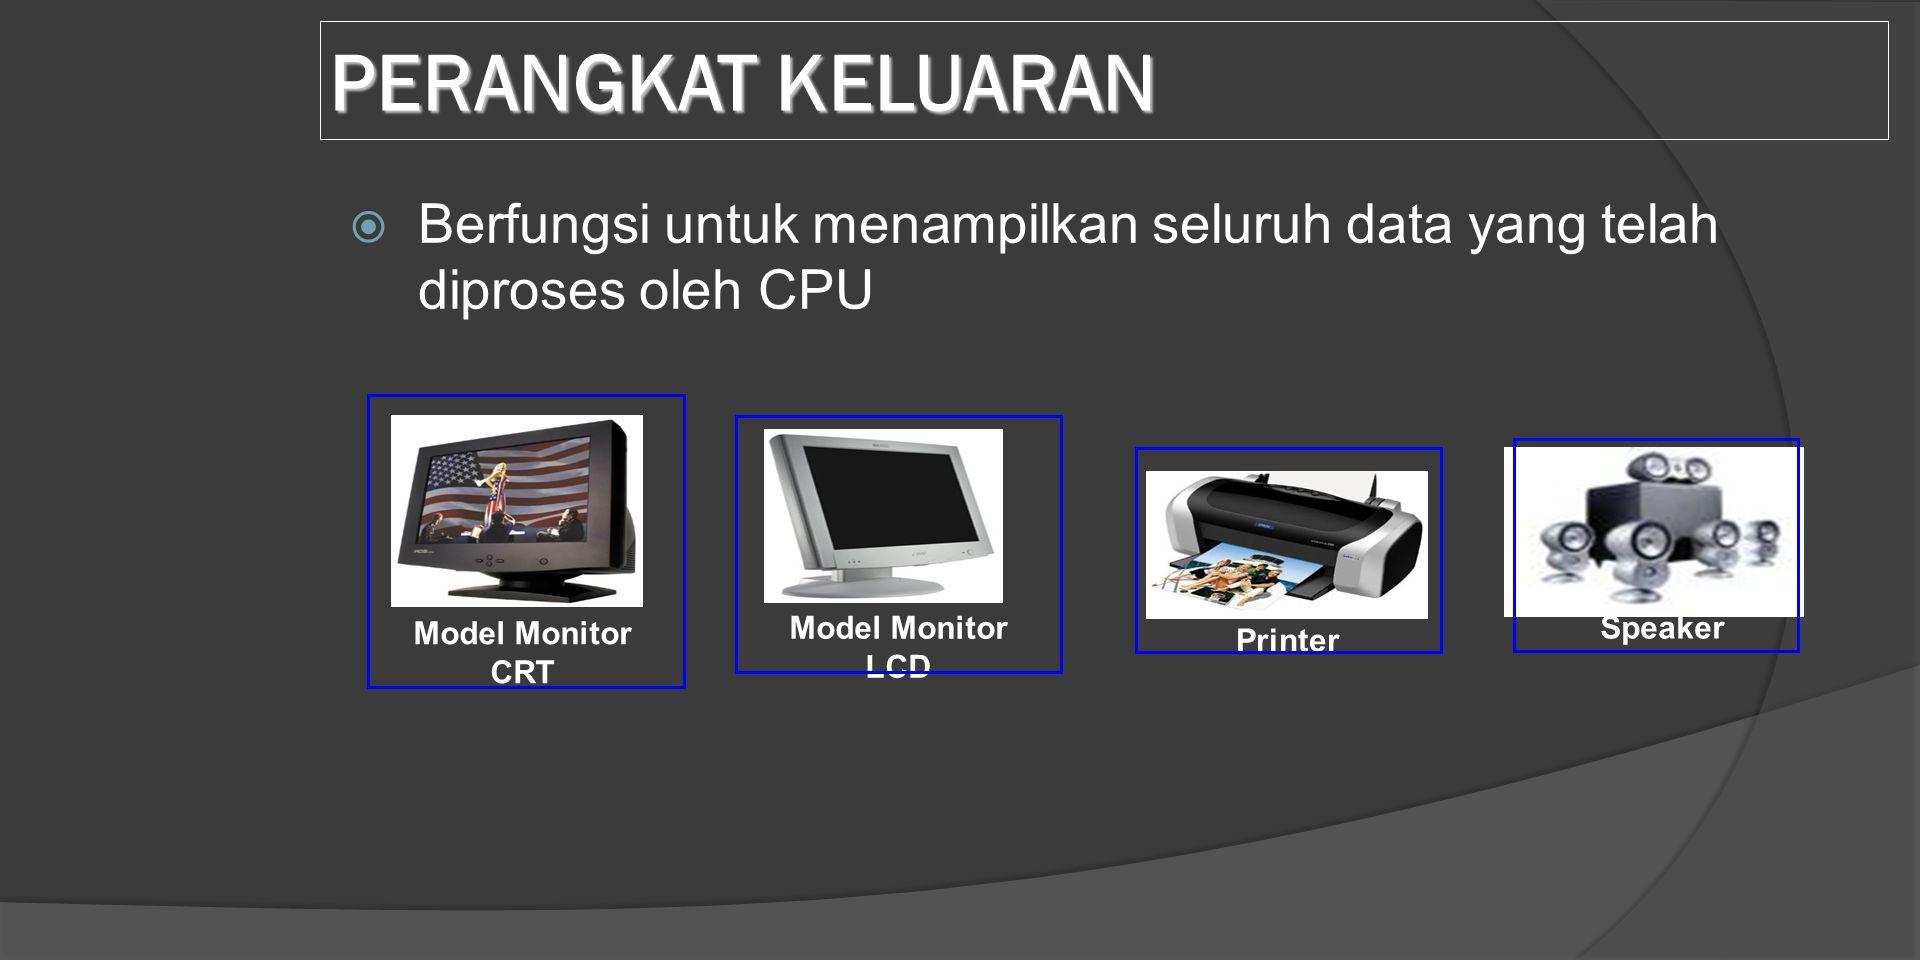 PERANGKAT KELUARAN  Berfungsi untuk menampilkan seluruh data yang telah diproses oleh CPU Model Monitor CRT Model Monitor LCD Printer Speaker